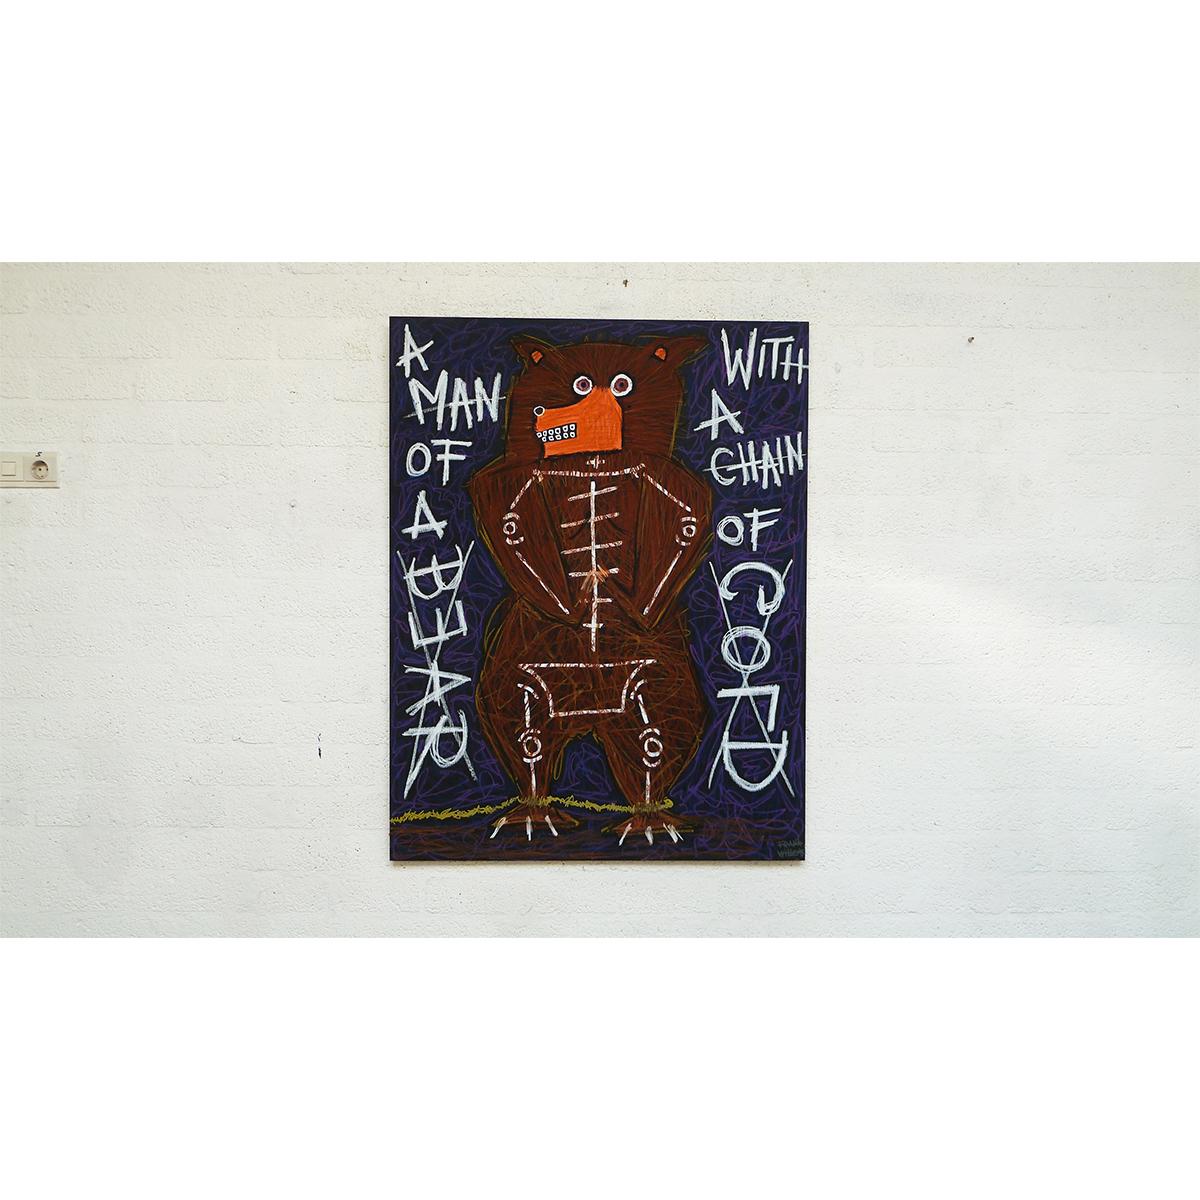 MAN OF A BEAR 02 - Frank Willems